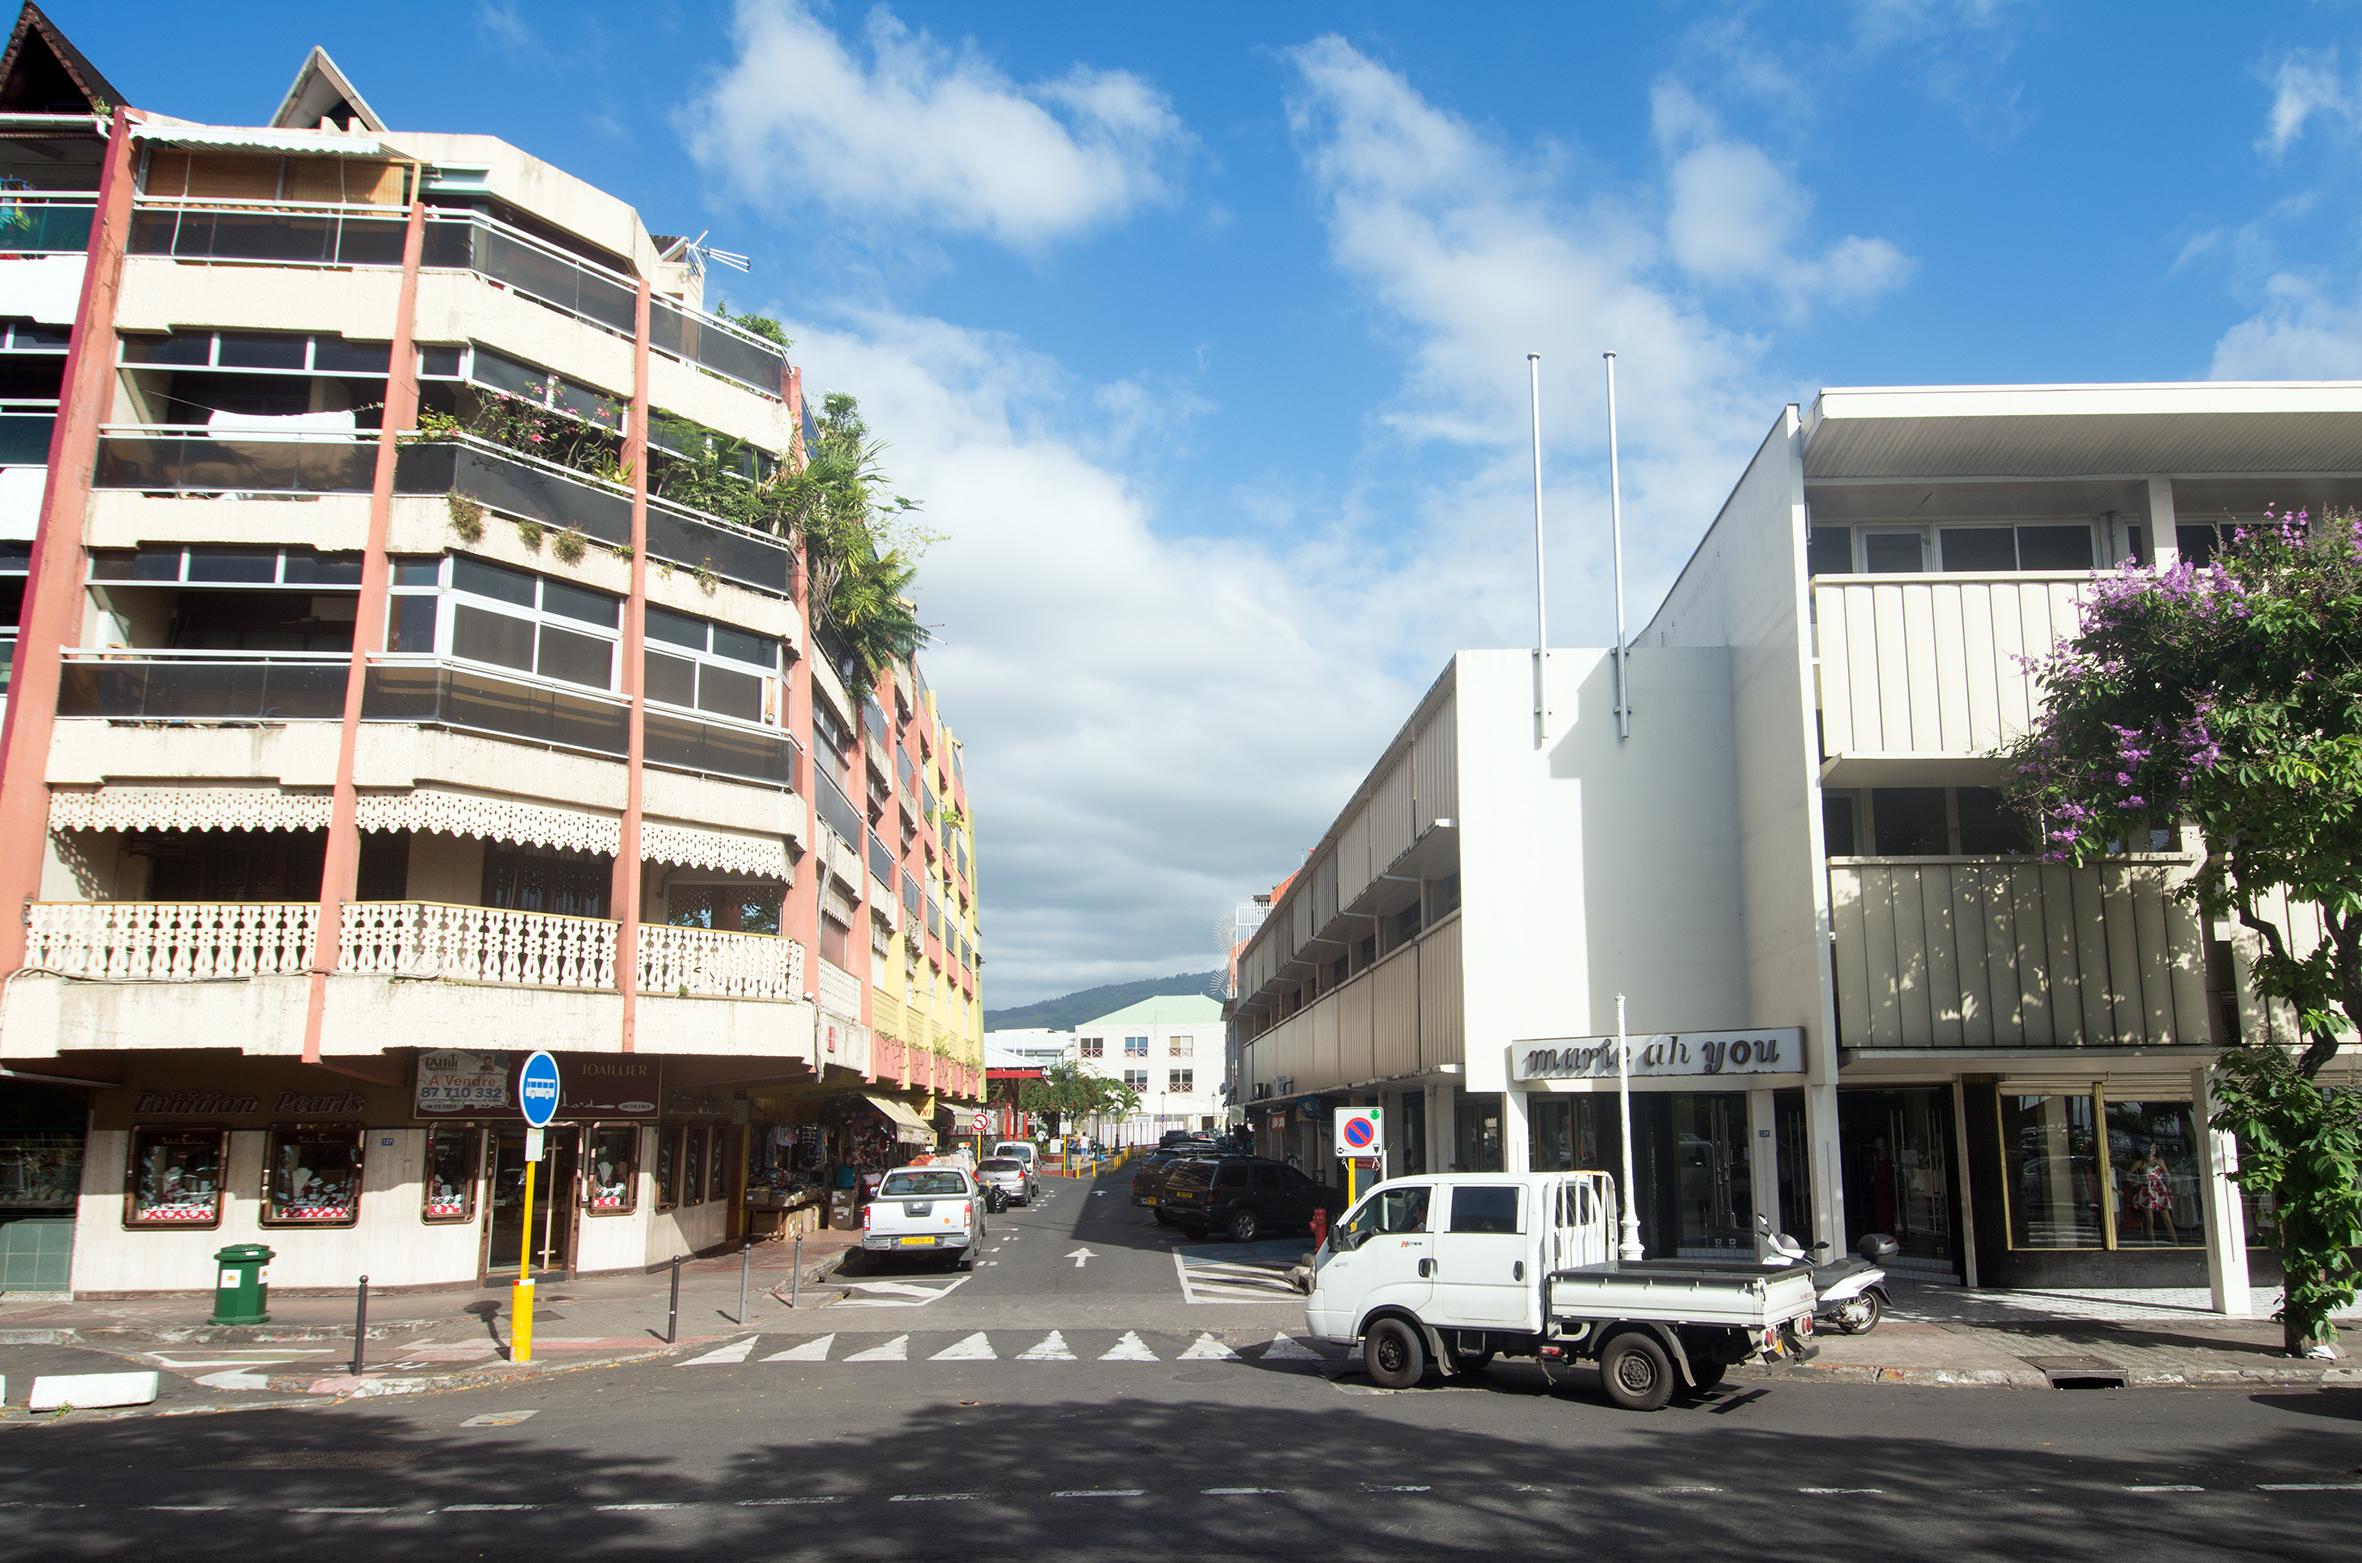 Le même endroit aujourd'hui avec à gauche un nouvel immeuble abritant la bijouterie Fouchard et à droite le magasin Marie Ah You.